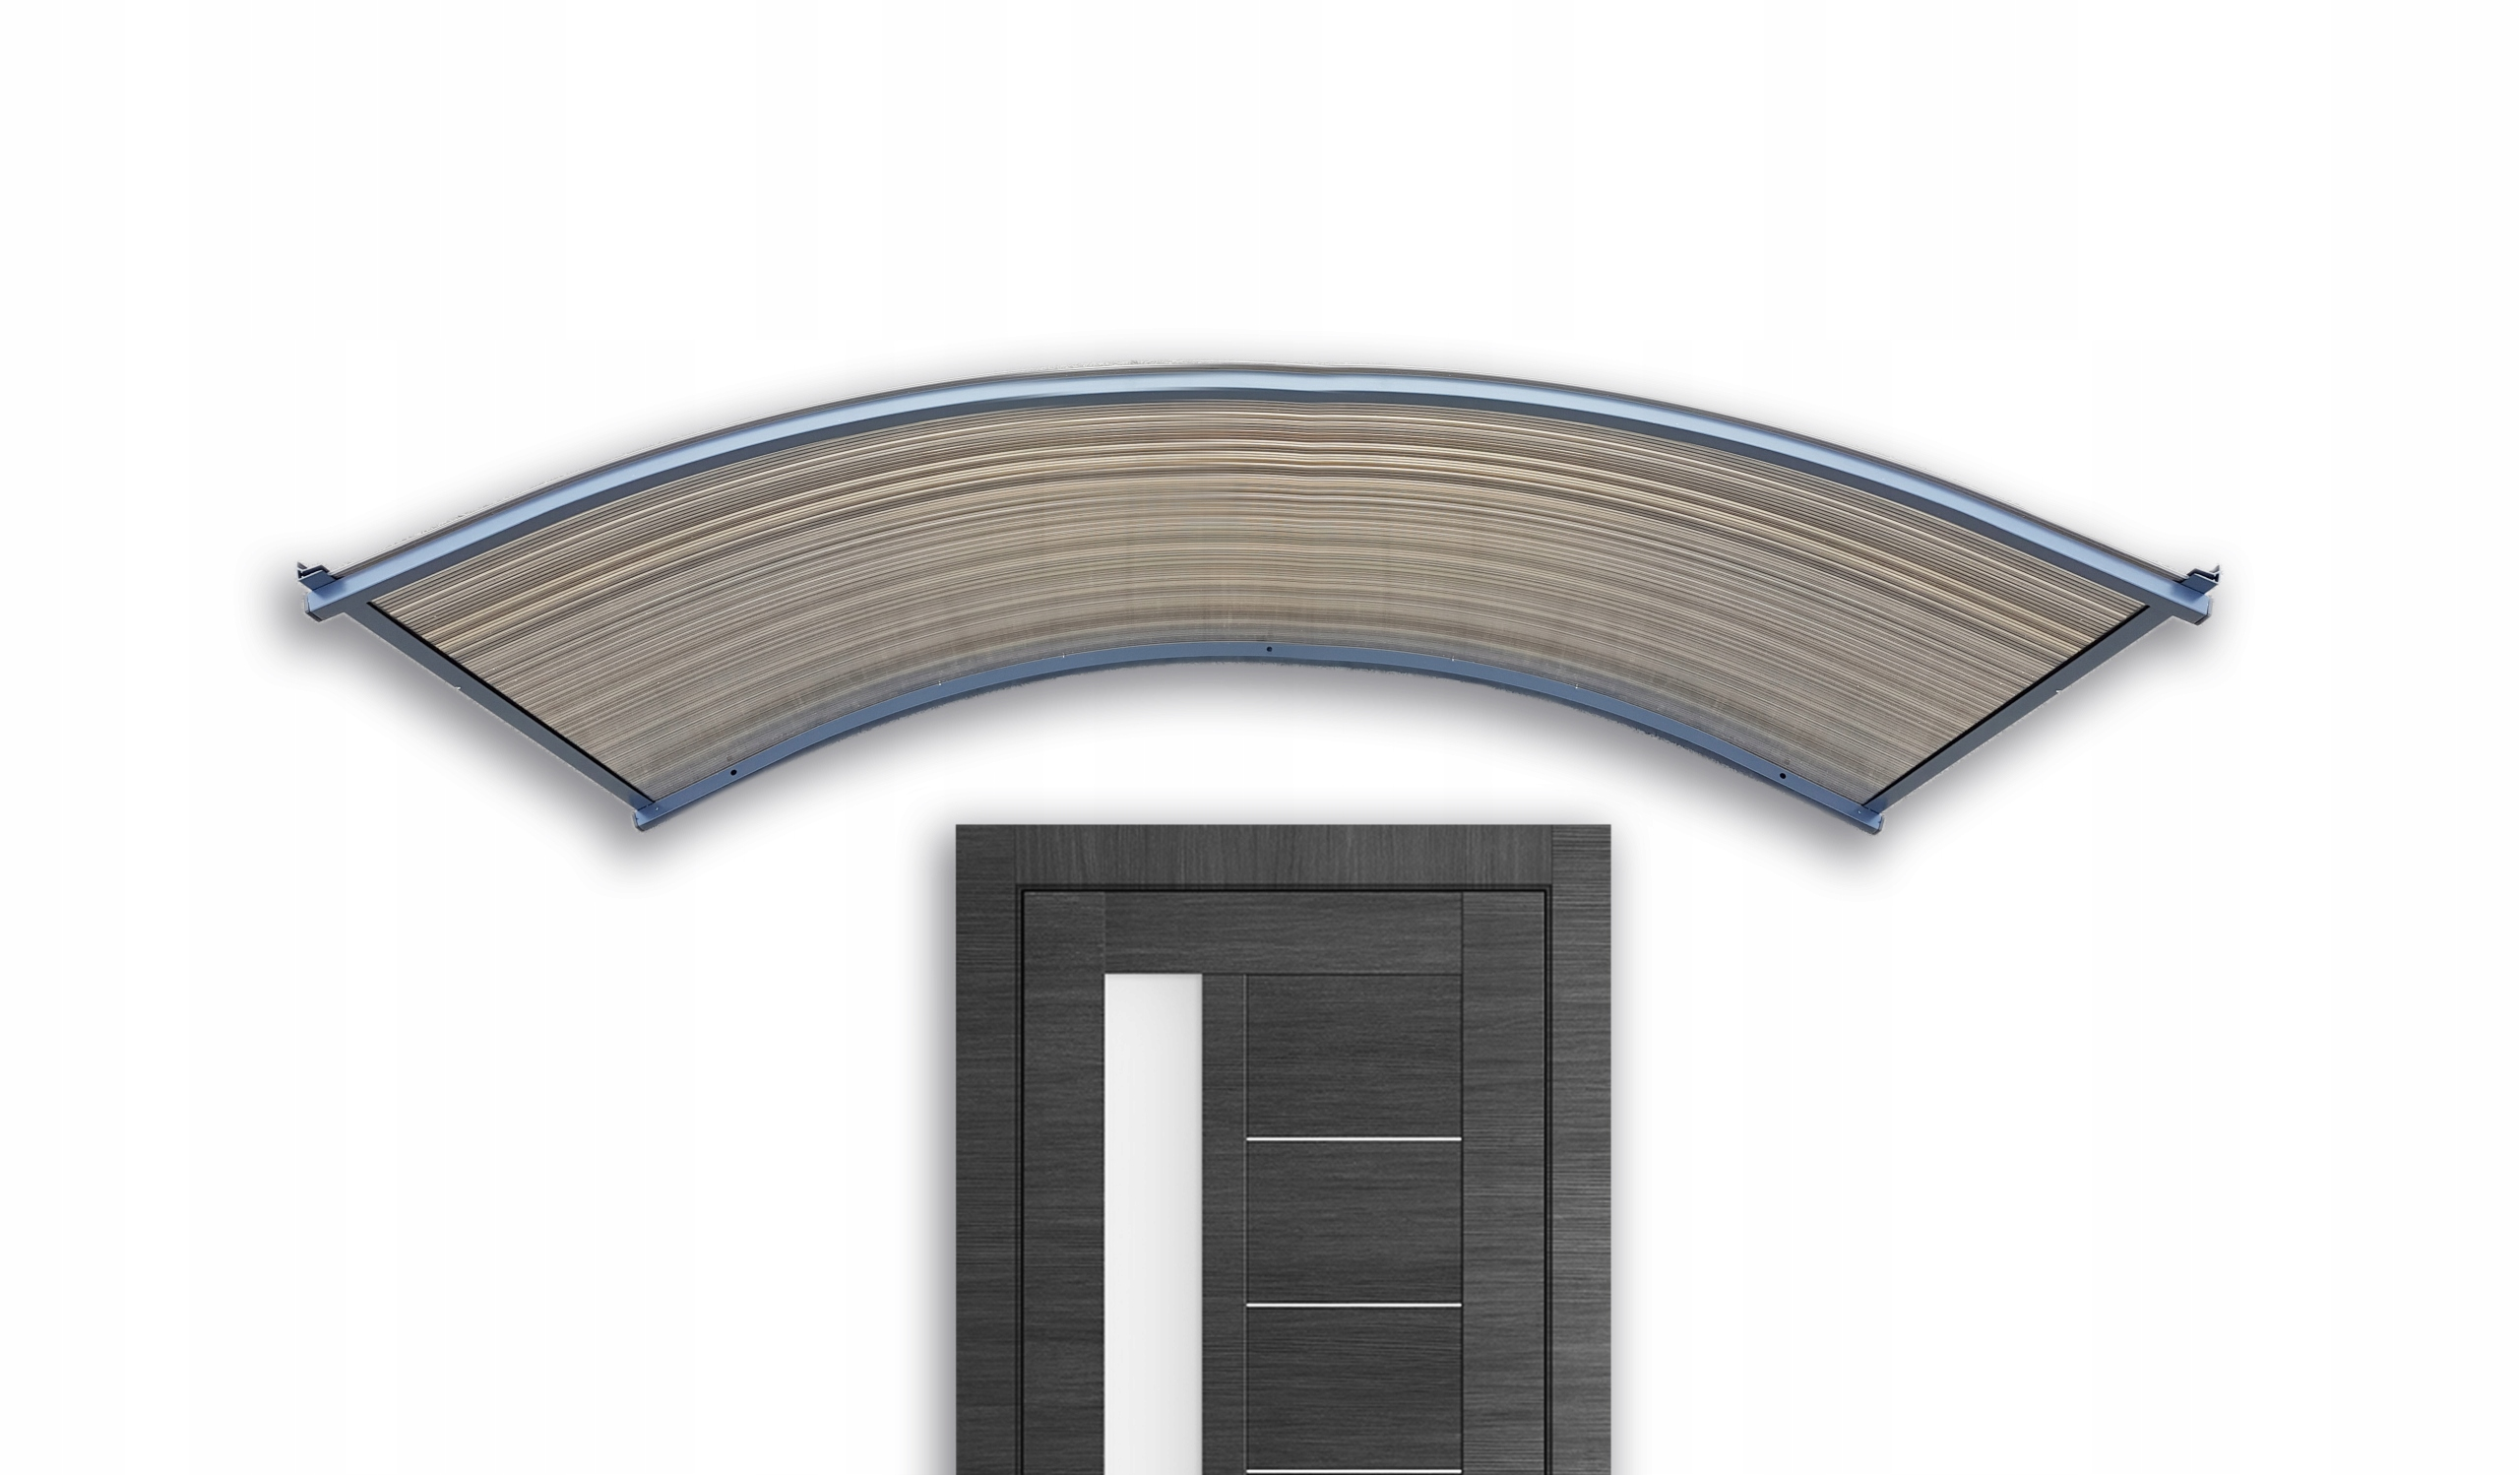 Strieška nad dvere, strešná krytina 150x25x70 antracitová